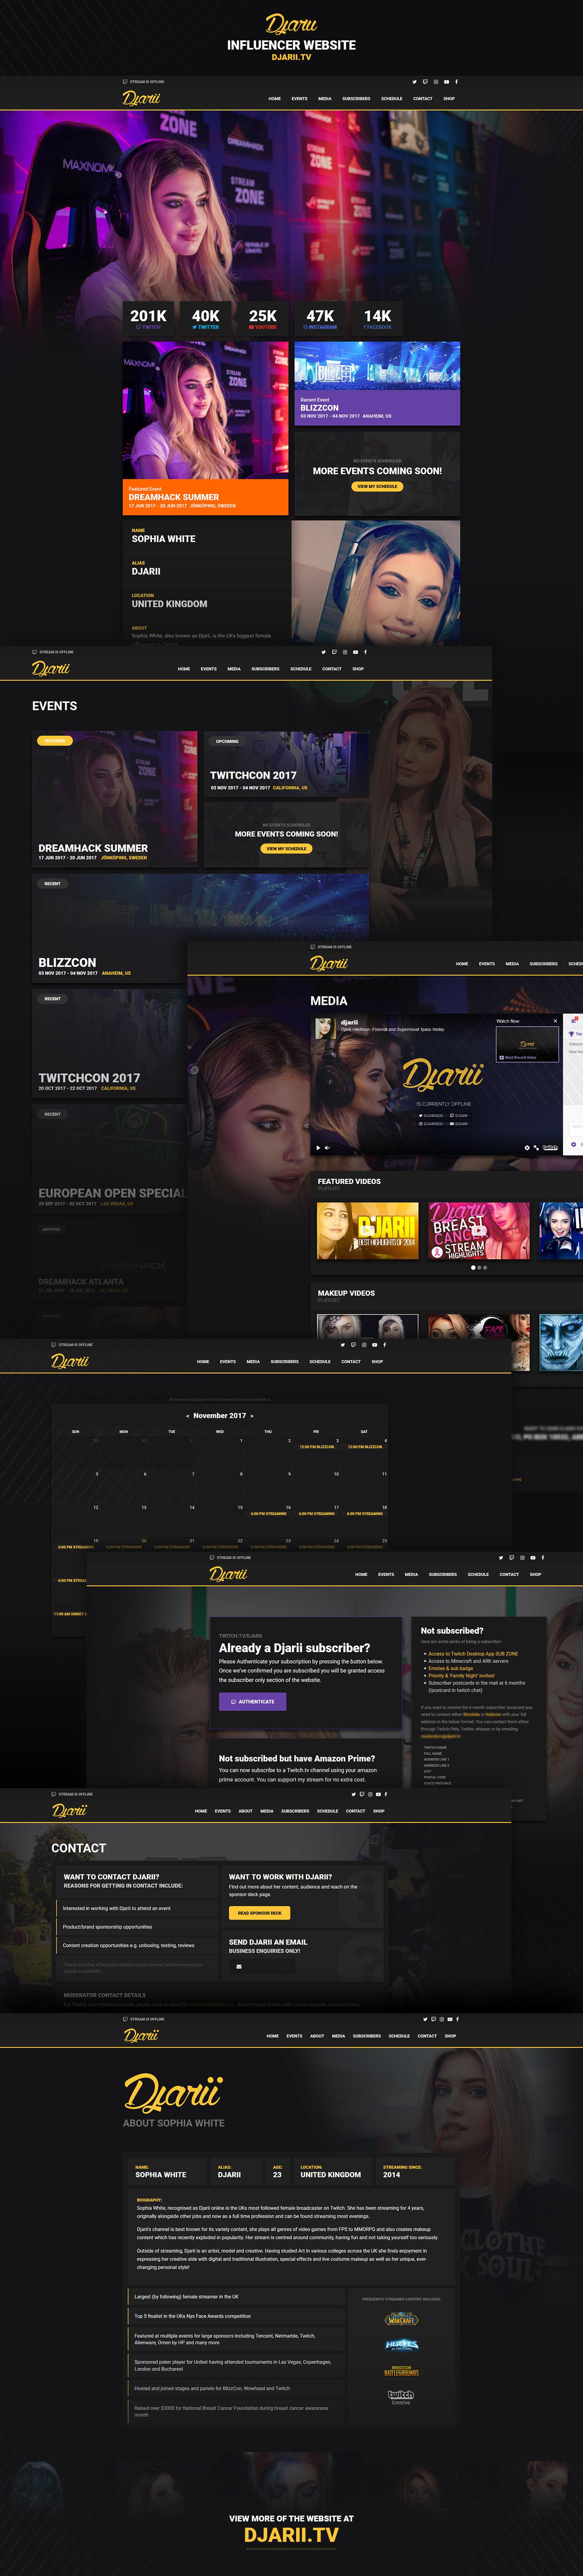 Twitch Streamer Website Website Design